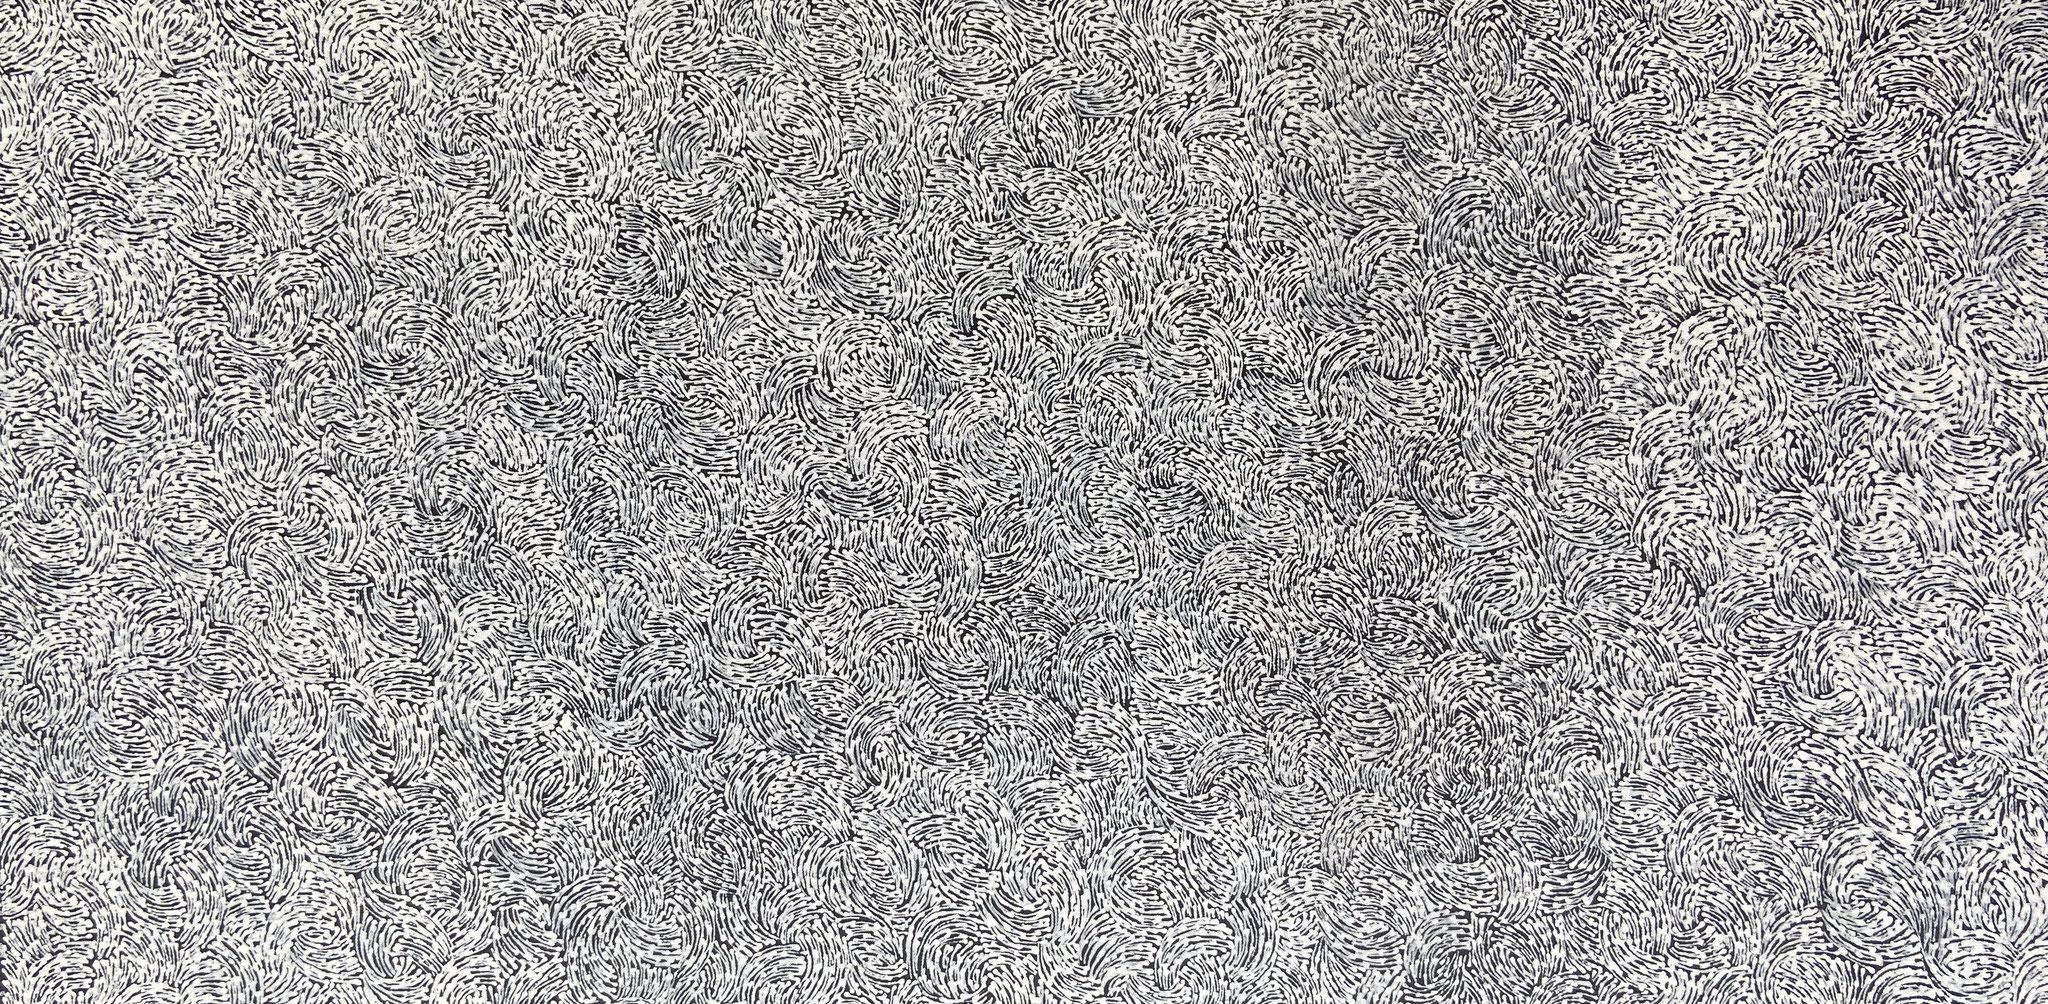 25 ナタリー・パーブス 「ボディ・ペイント」 500x960mm